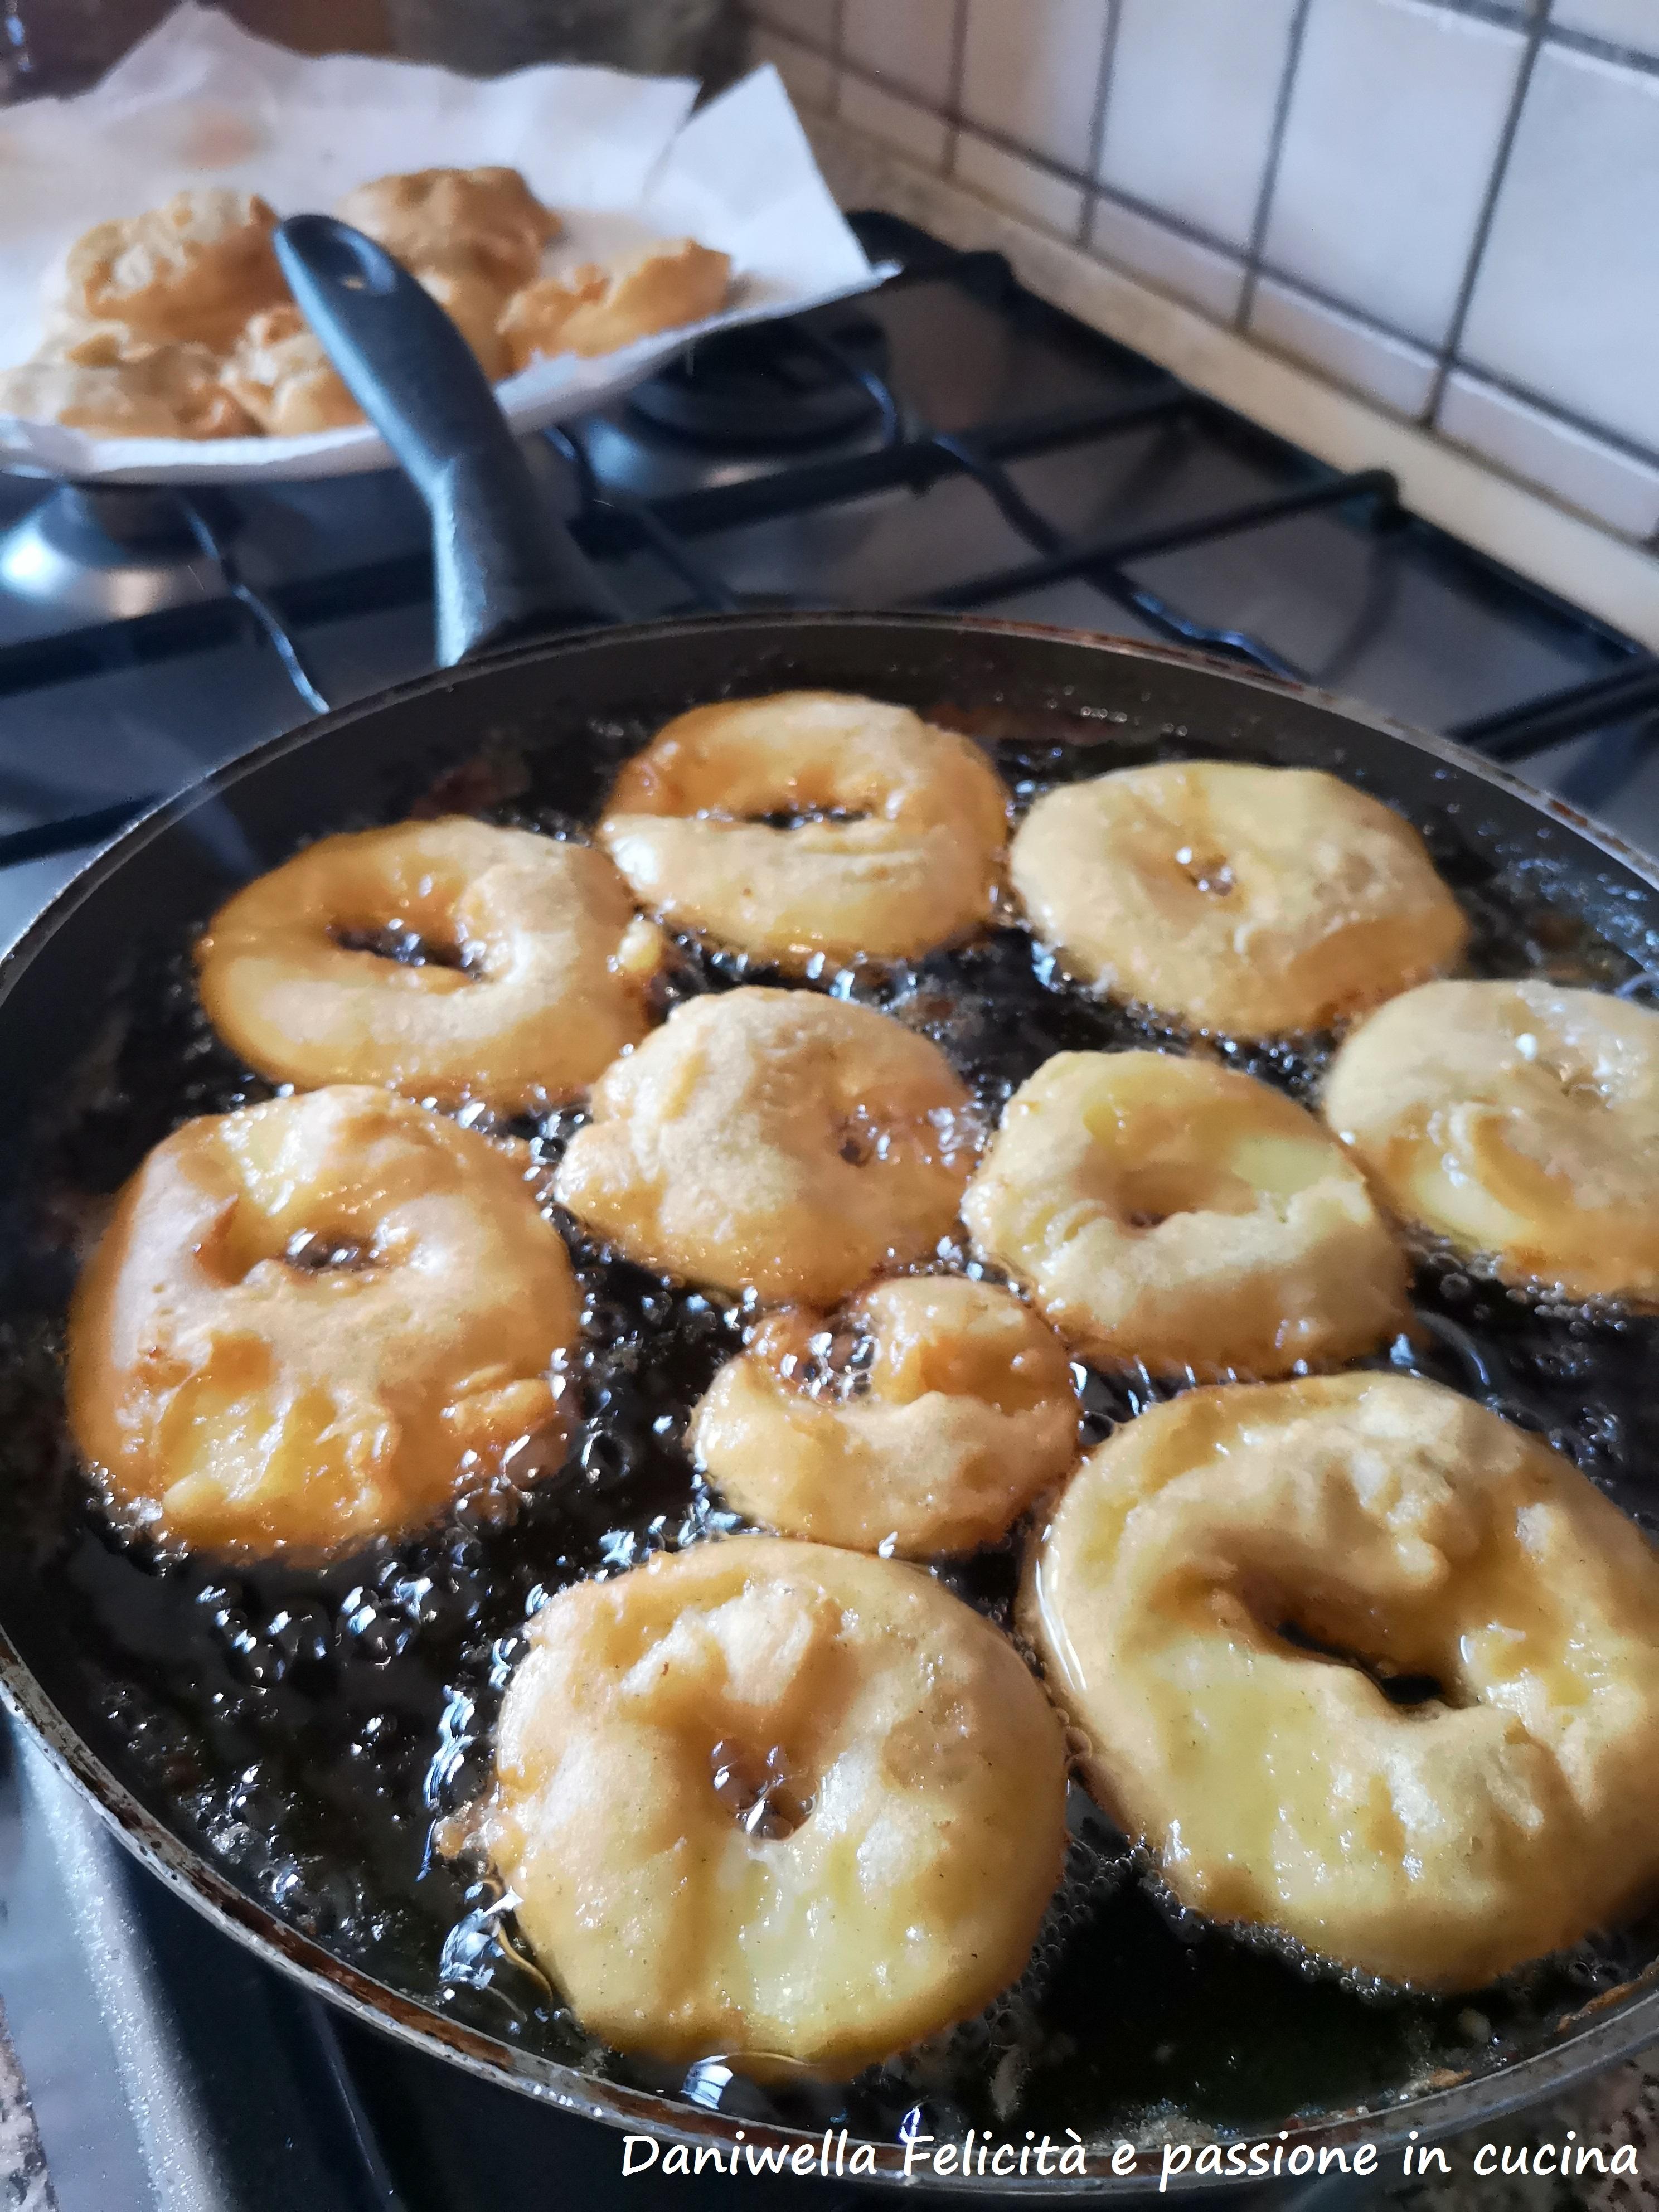 Passati i 30 minuti, scaldate l'olio e portatelo ad una temperatura di 175°. Tuffate ogni fettina di mele nella pastella e friggetele nell'olio caldo, fatele dorare da entrambi i lati.